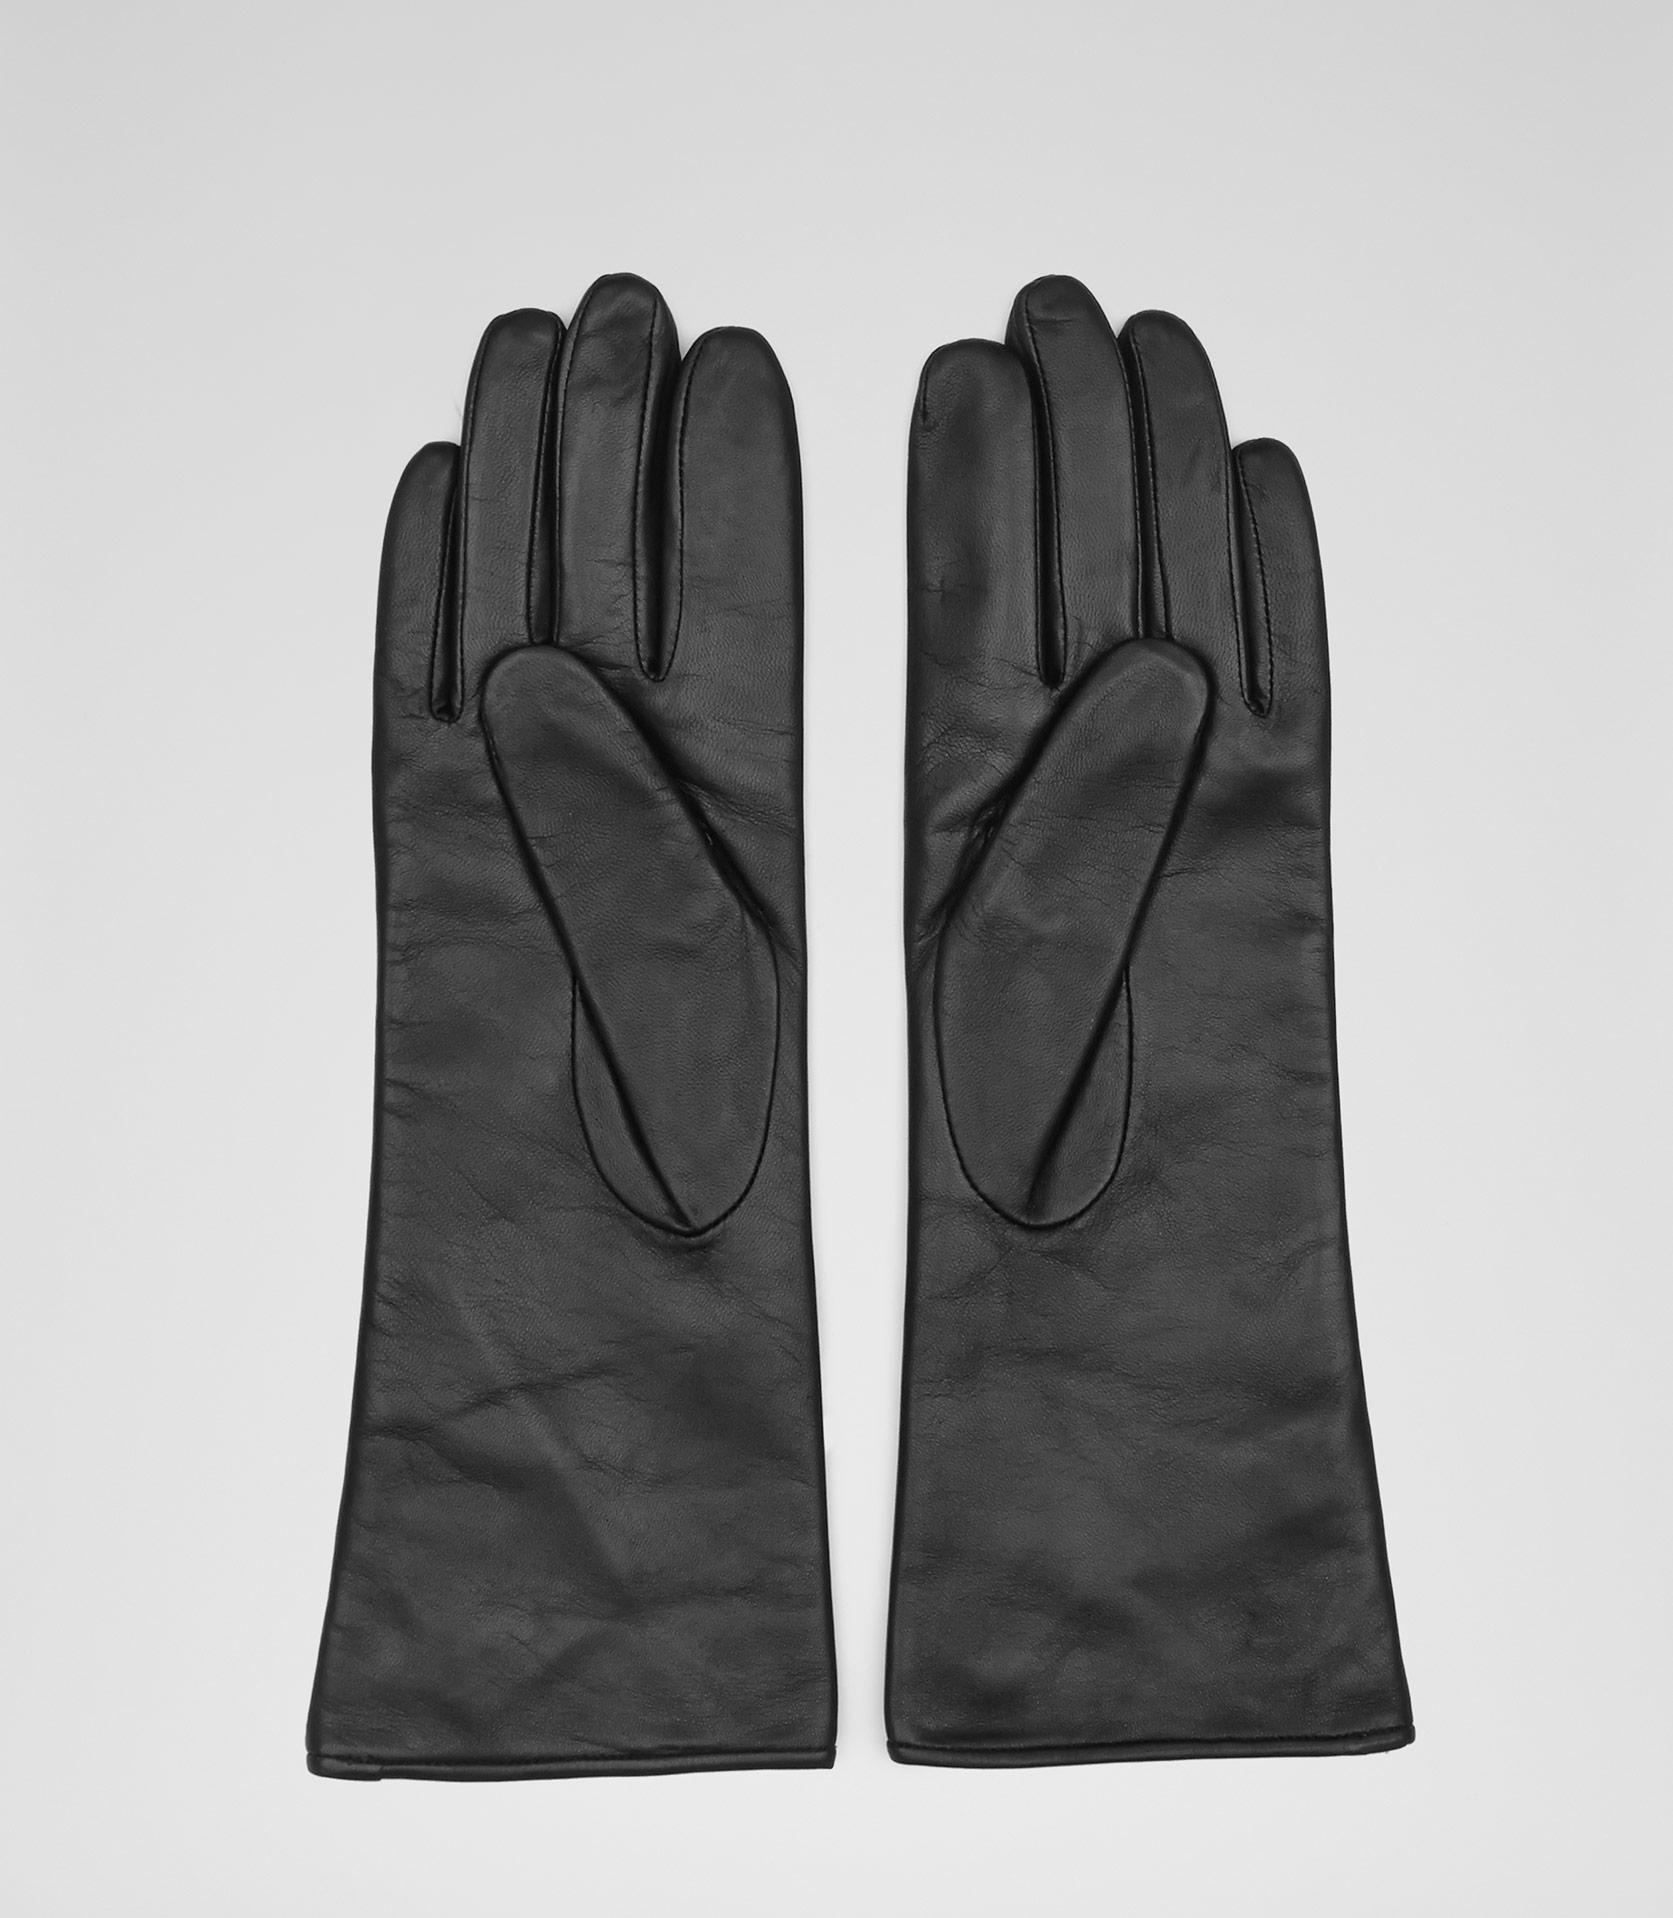 Fingerless gloves h m - Zinnia Black Long Leather Gloves Reiss